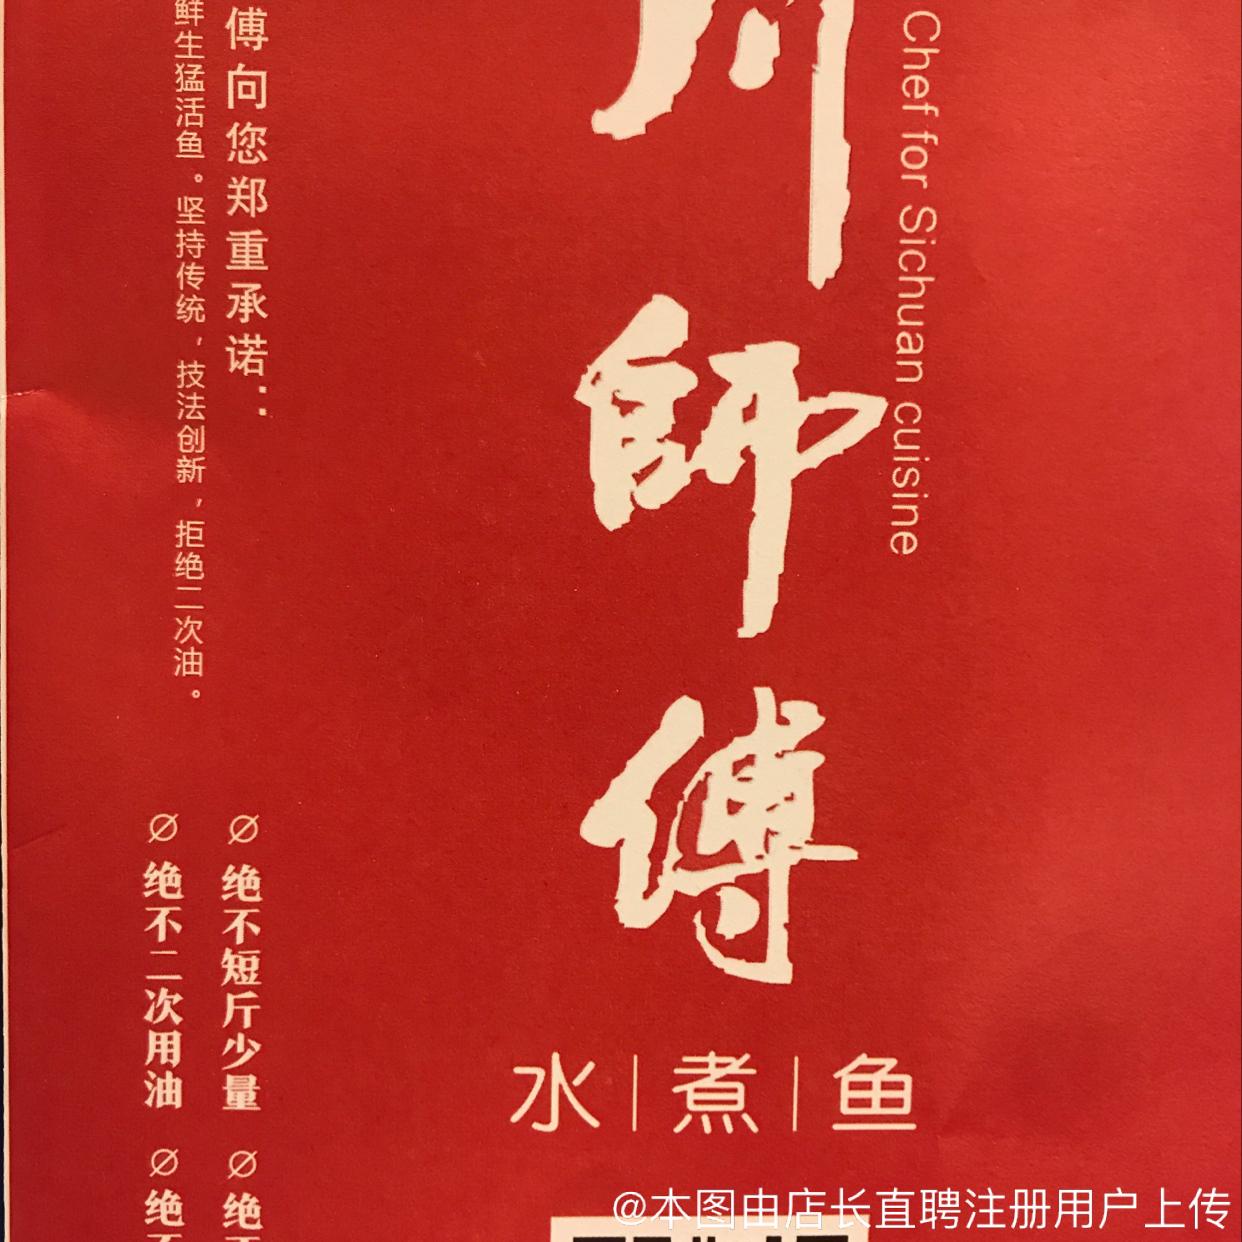 上海巴适餐饮有限公司